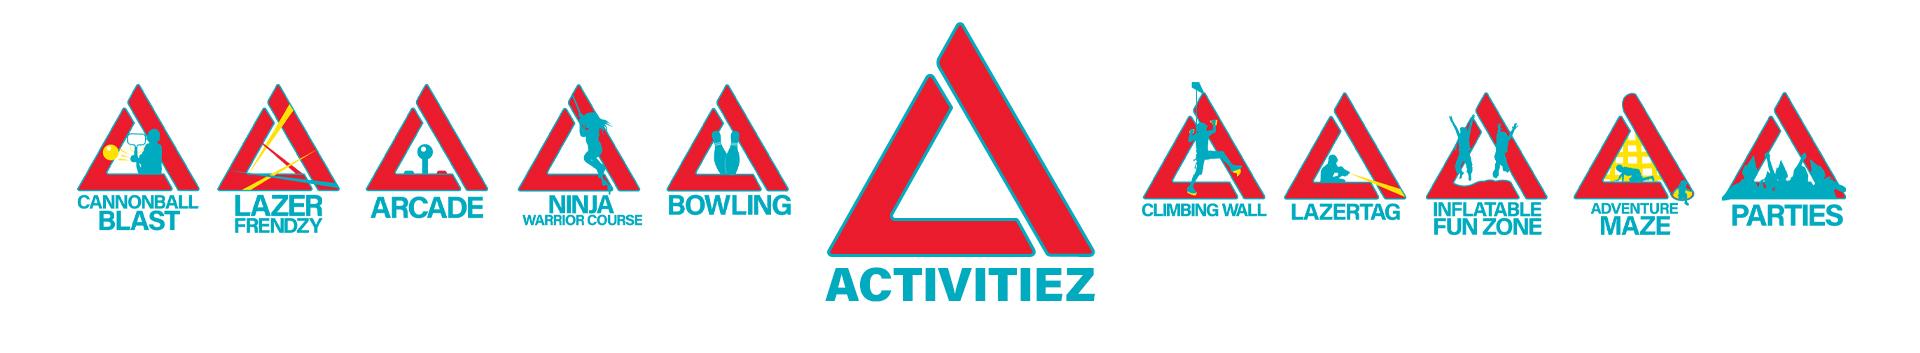 activekidz activitiez